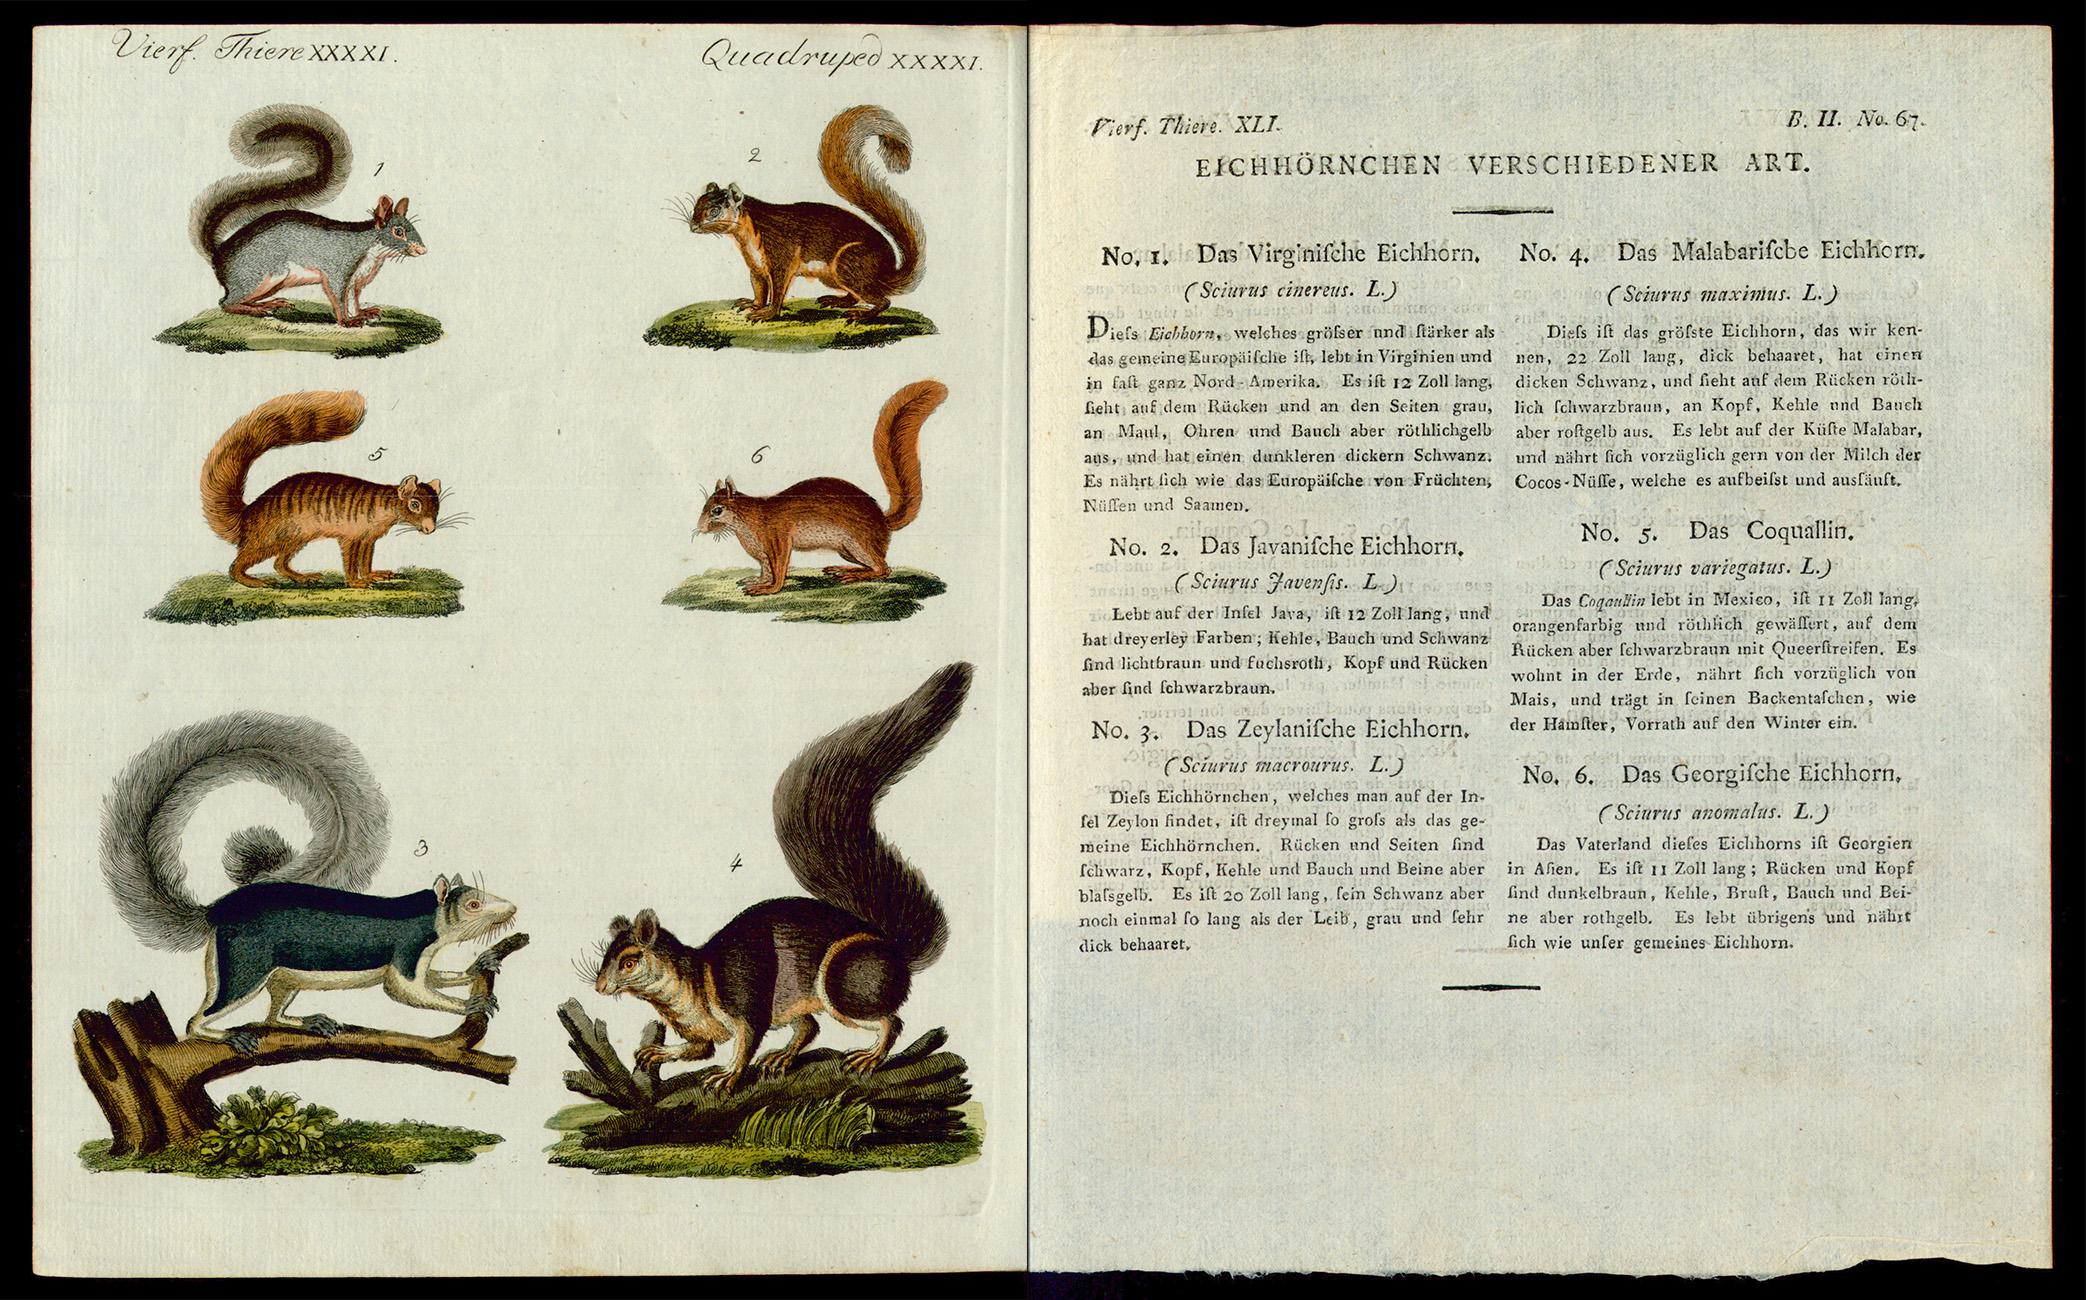 Friedrich Justin Bertuch, Bilderbuch für Kinder, B XXIII, 8-2 R, S. 278 und 279